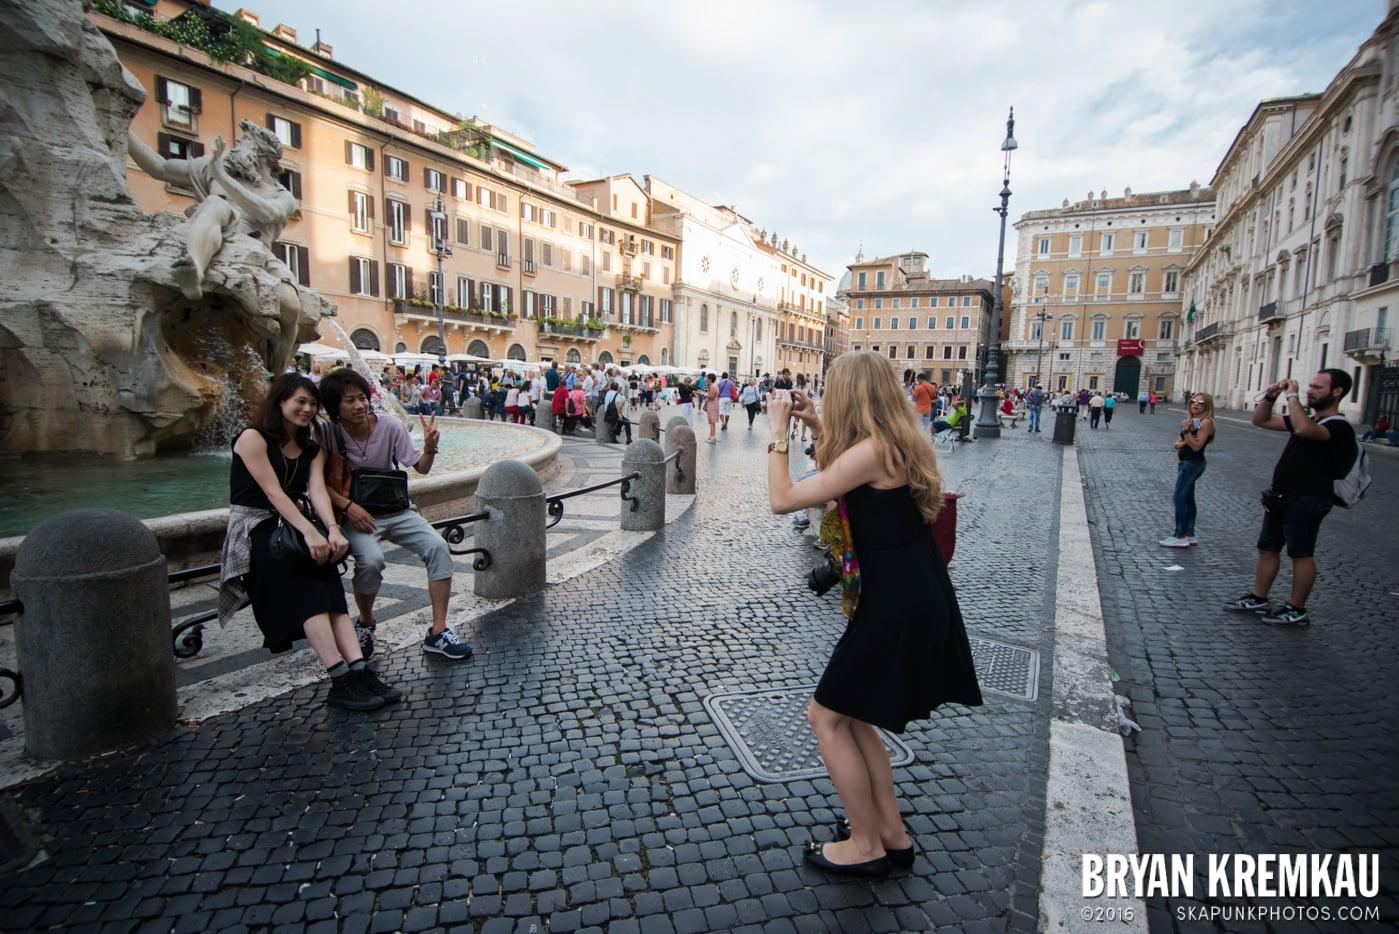 Italy Vacation - Day 1: Rome - 9.9.13 (41)